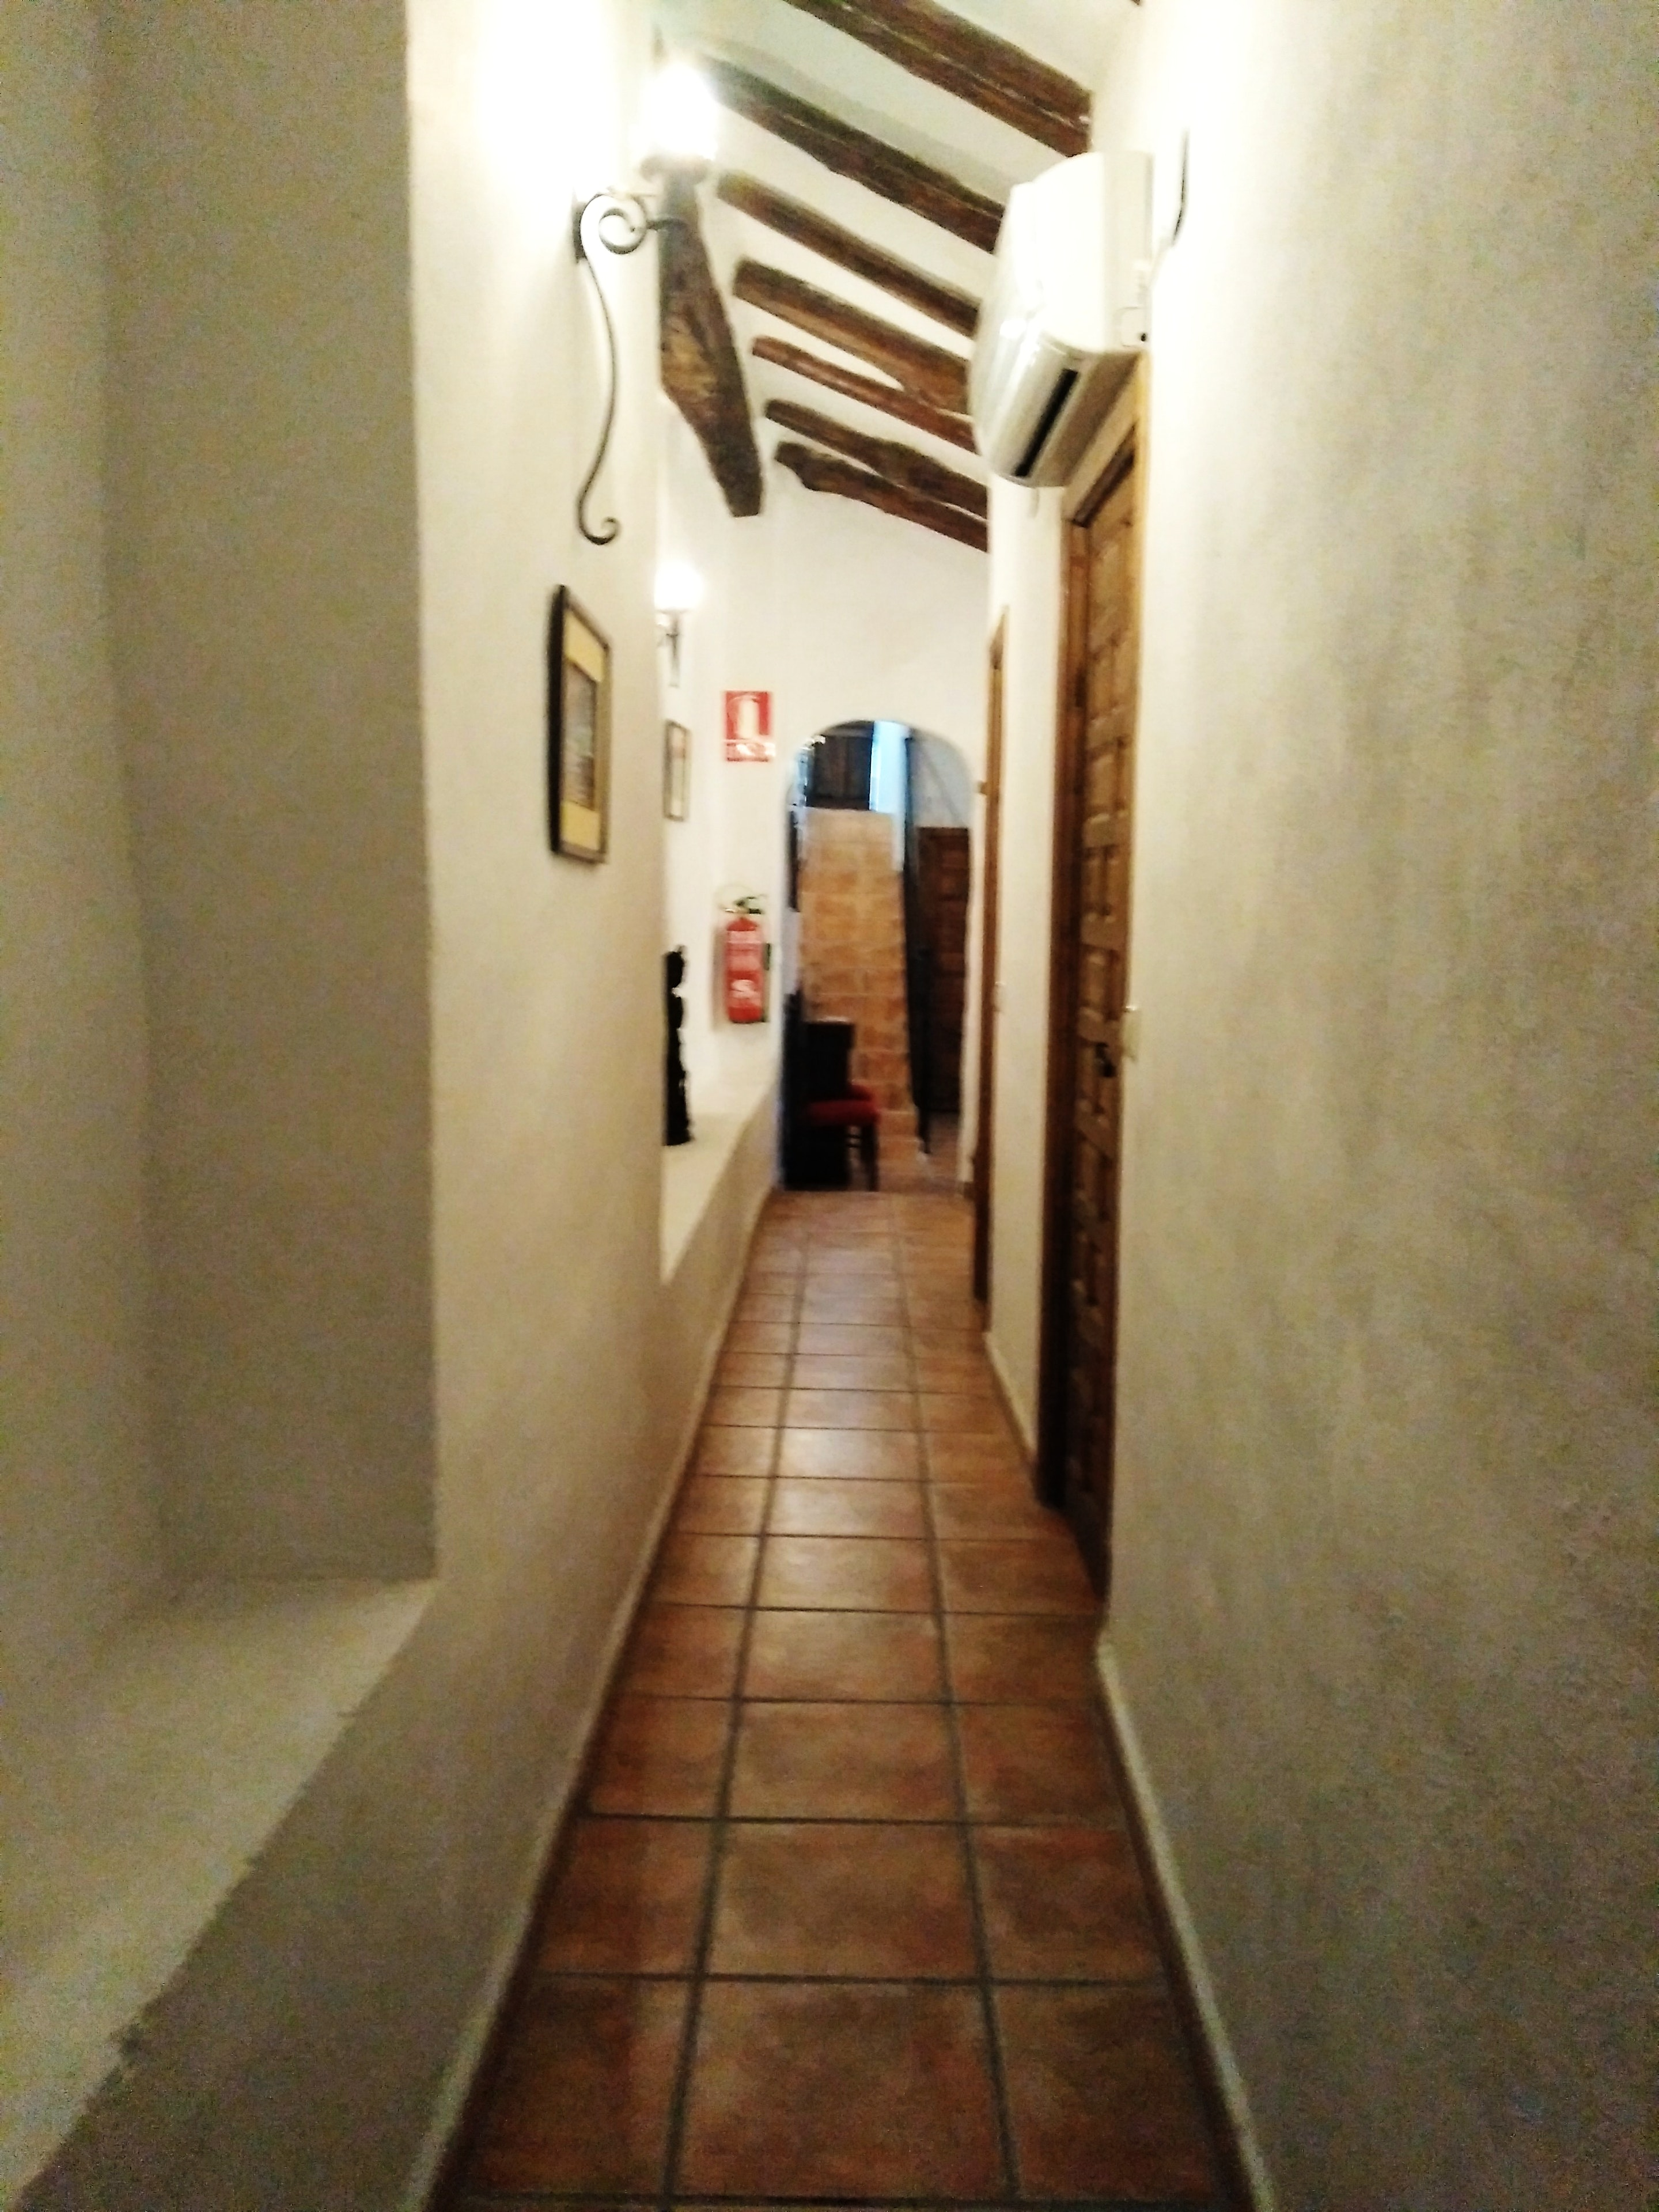 Ferienhaus Haus mit 5 Schlafzimmern in Casas del Cerro mit toller Aussicht auf die Berge und möbliert (2201517), Casas del Cerro, Albacete, Kastilien-La Mancha, Spanien, Bild 7